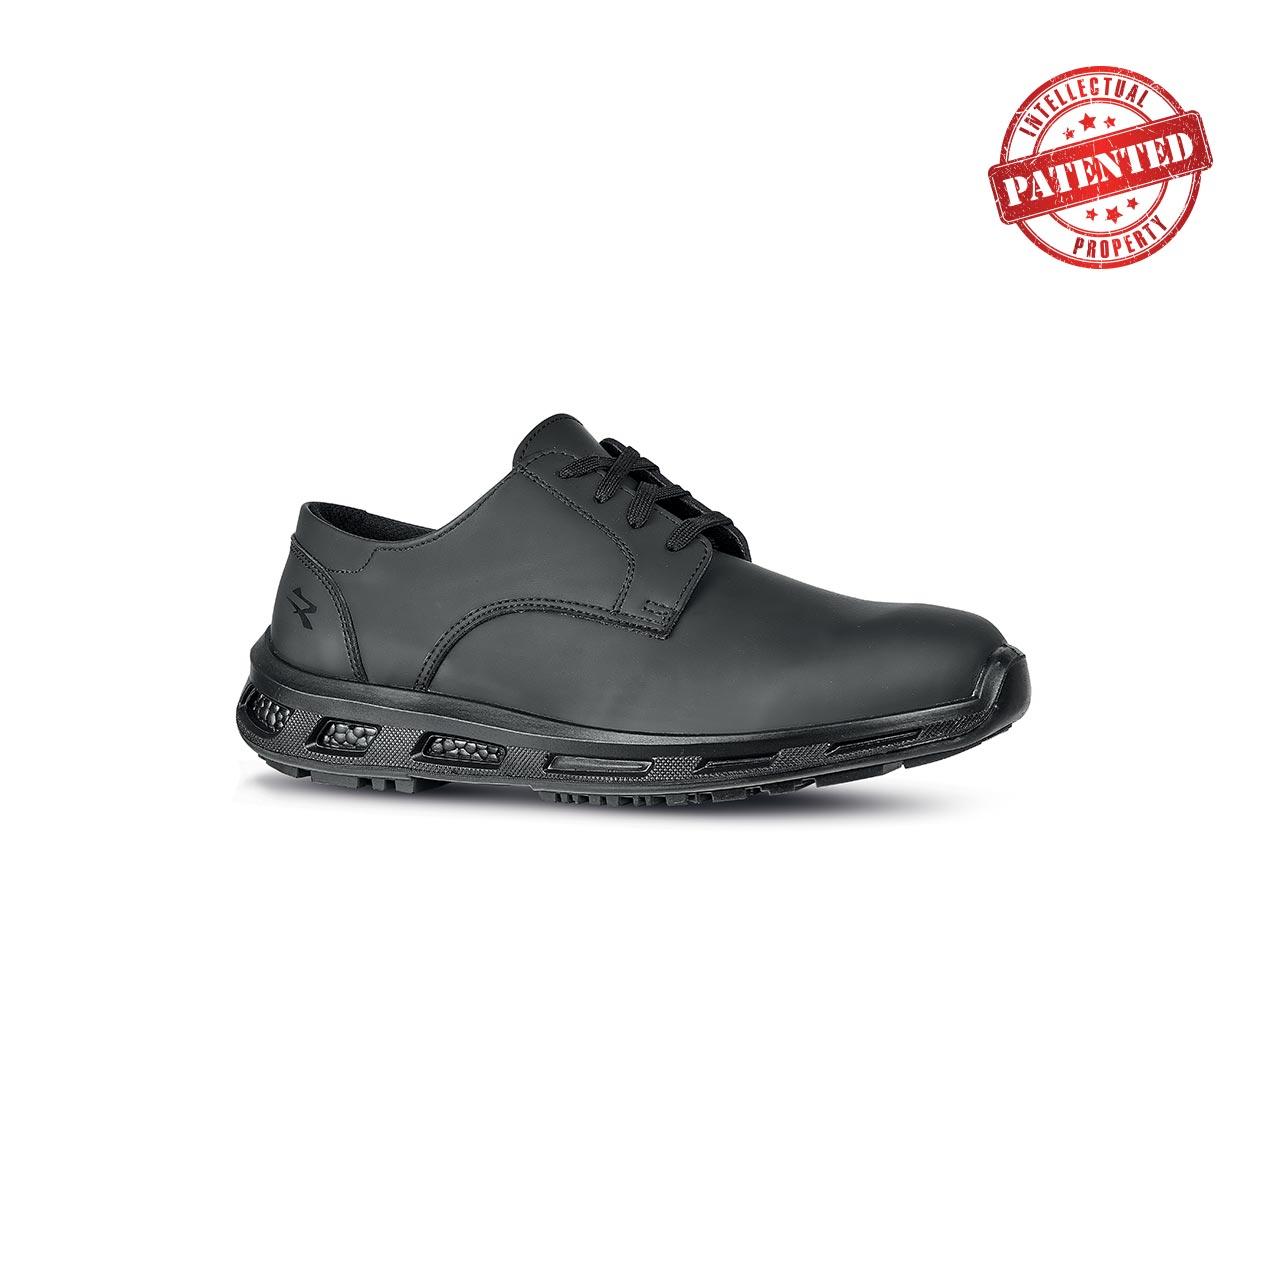 scarpa antinfortunistica upower modello morgan linea redlion vista laterale